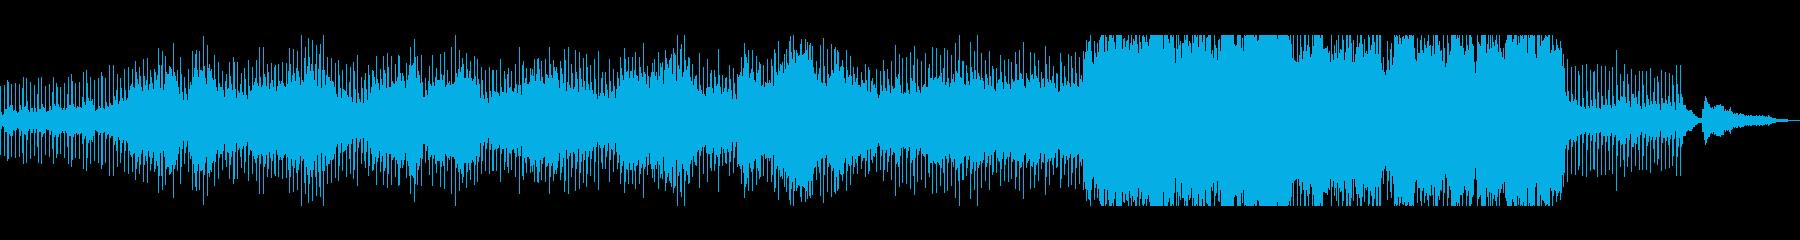 澄みきった歌声、幻想的・神秘的な曲の再生済みの波形